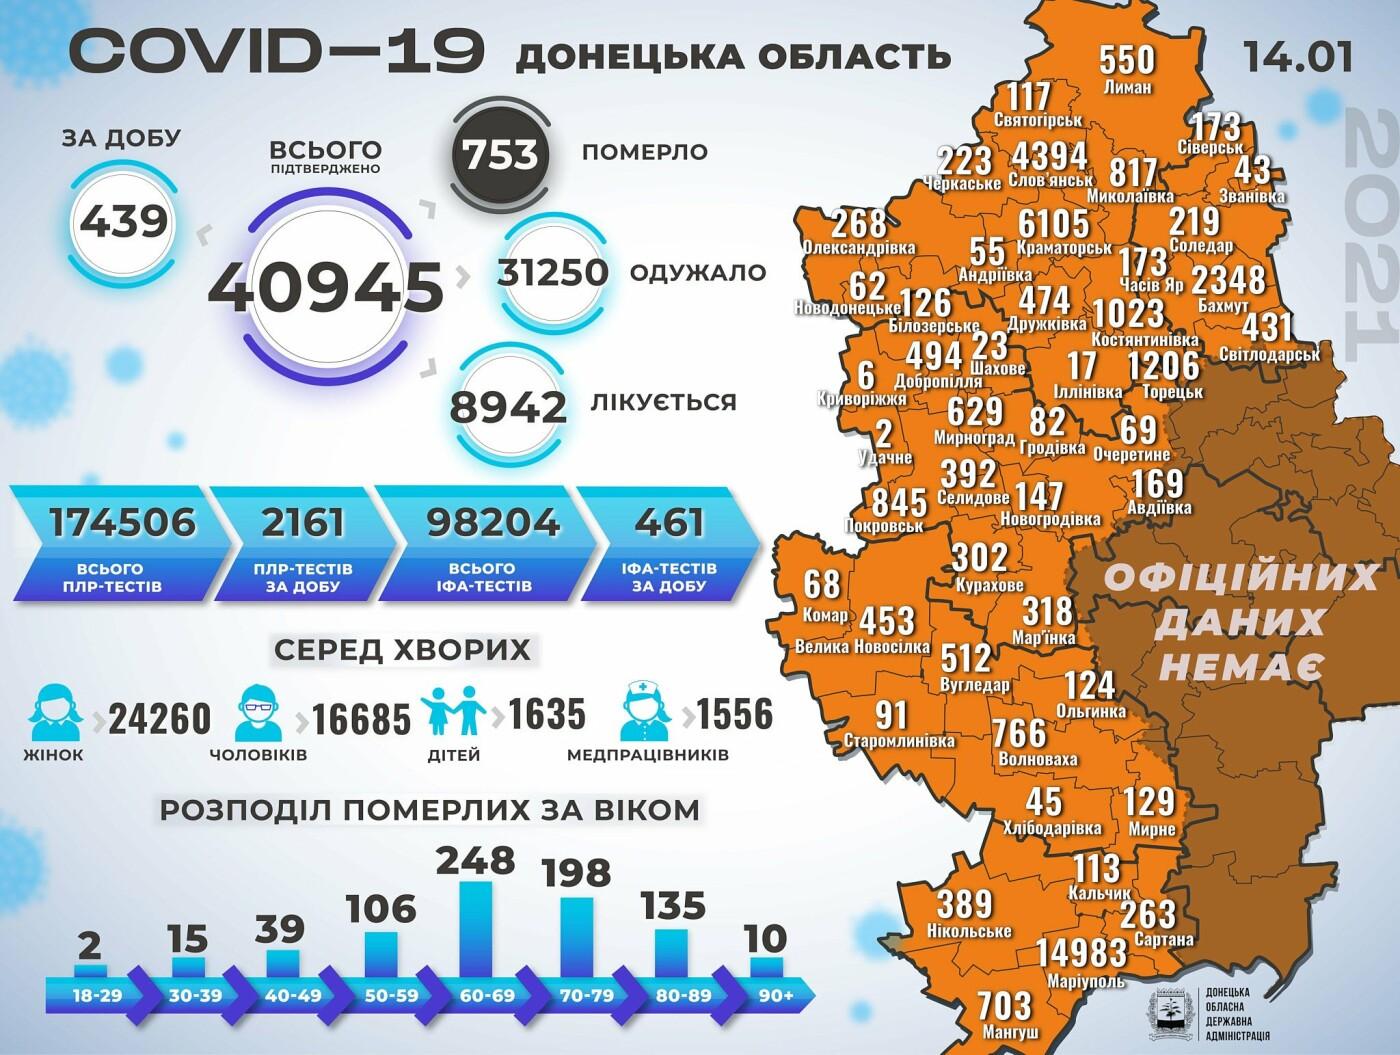 В Донецкой области 439 новых случаев коронавируса, фото-1